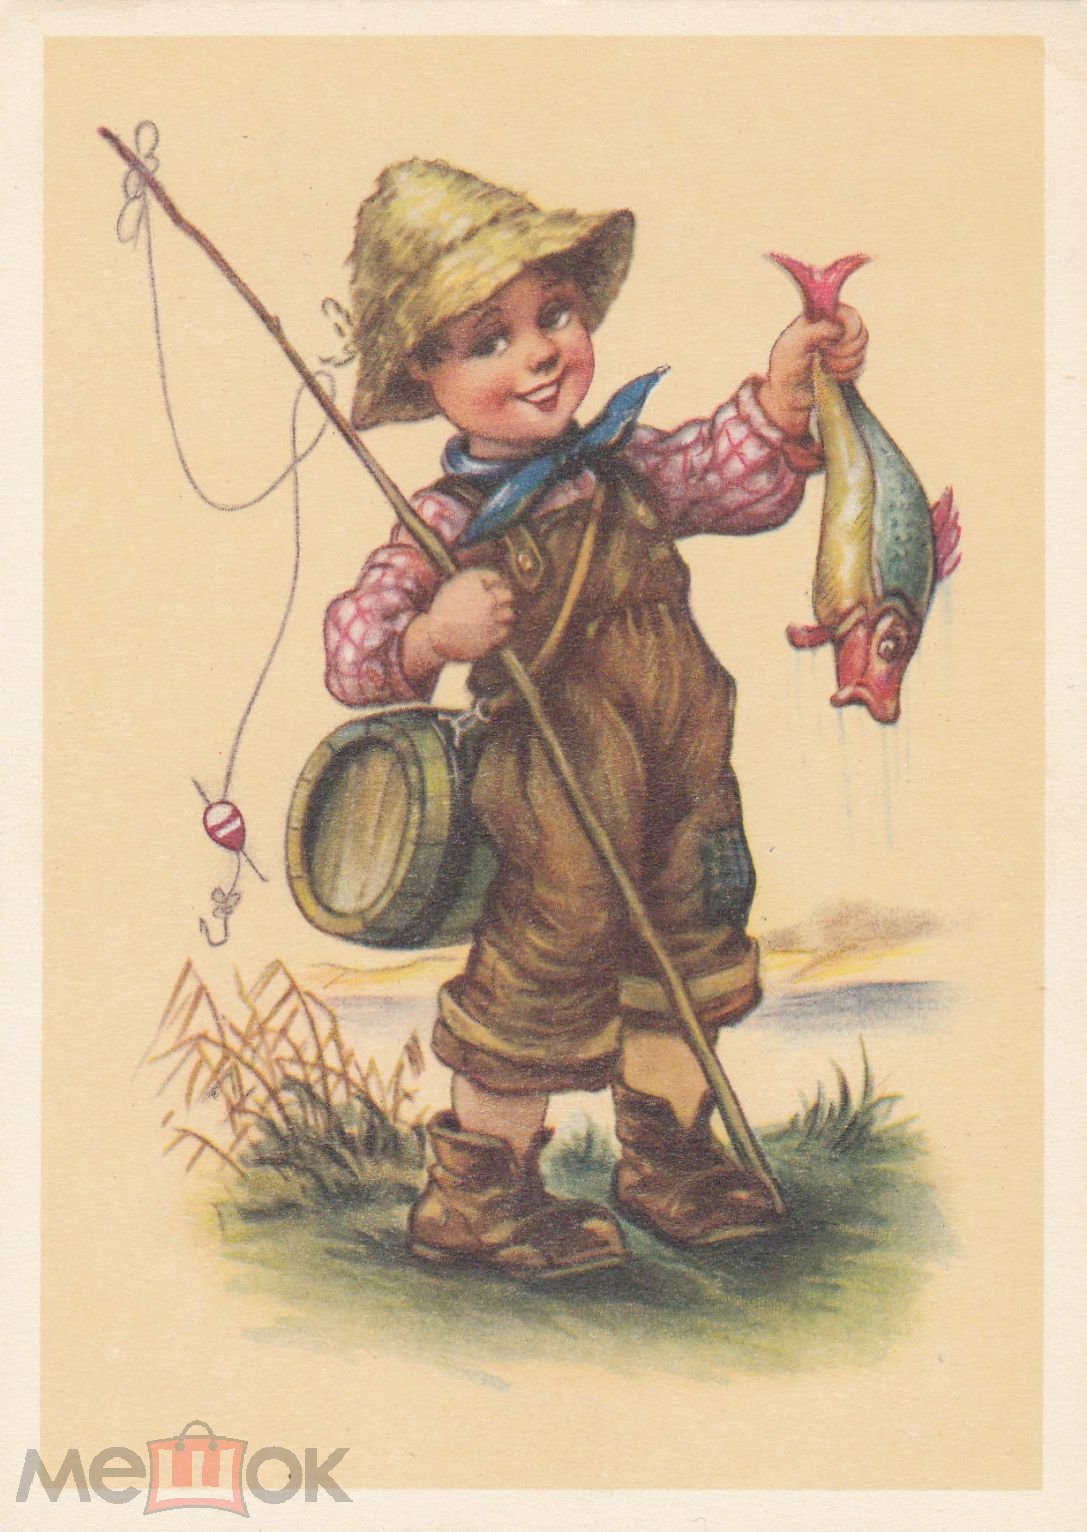 Открытки, открытки о рыбалки